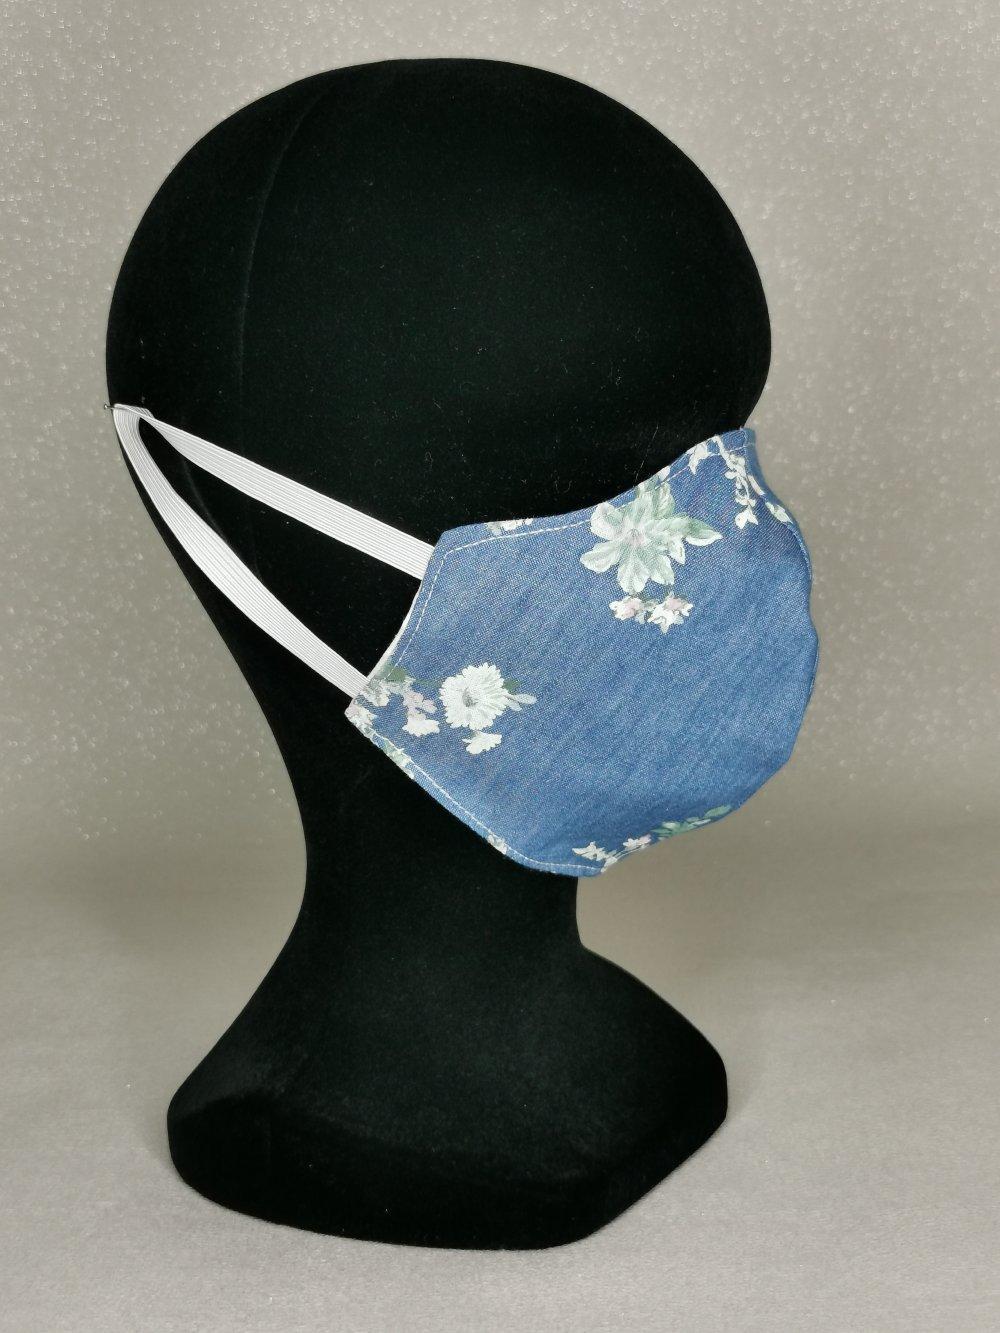 Masque de protection en tissus, masque réutilisable masque en tissus et lavable